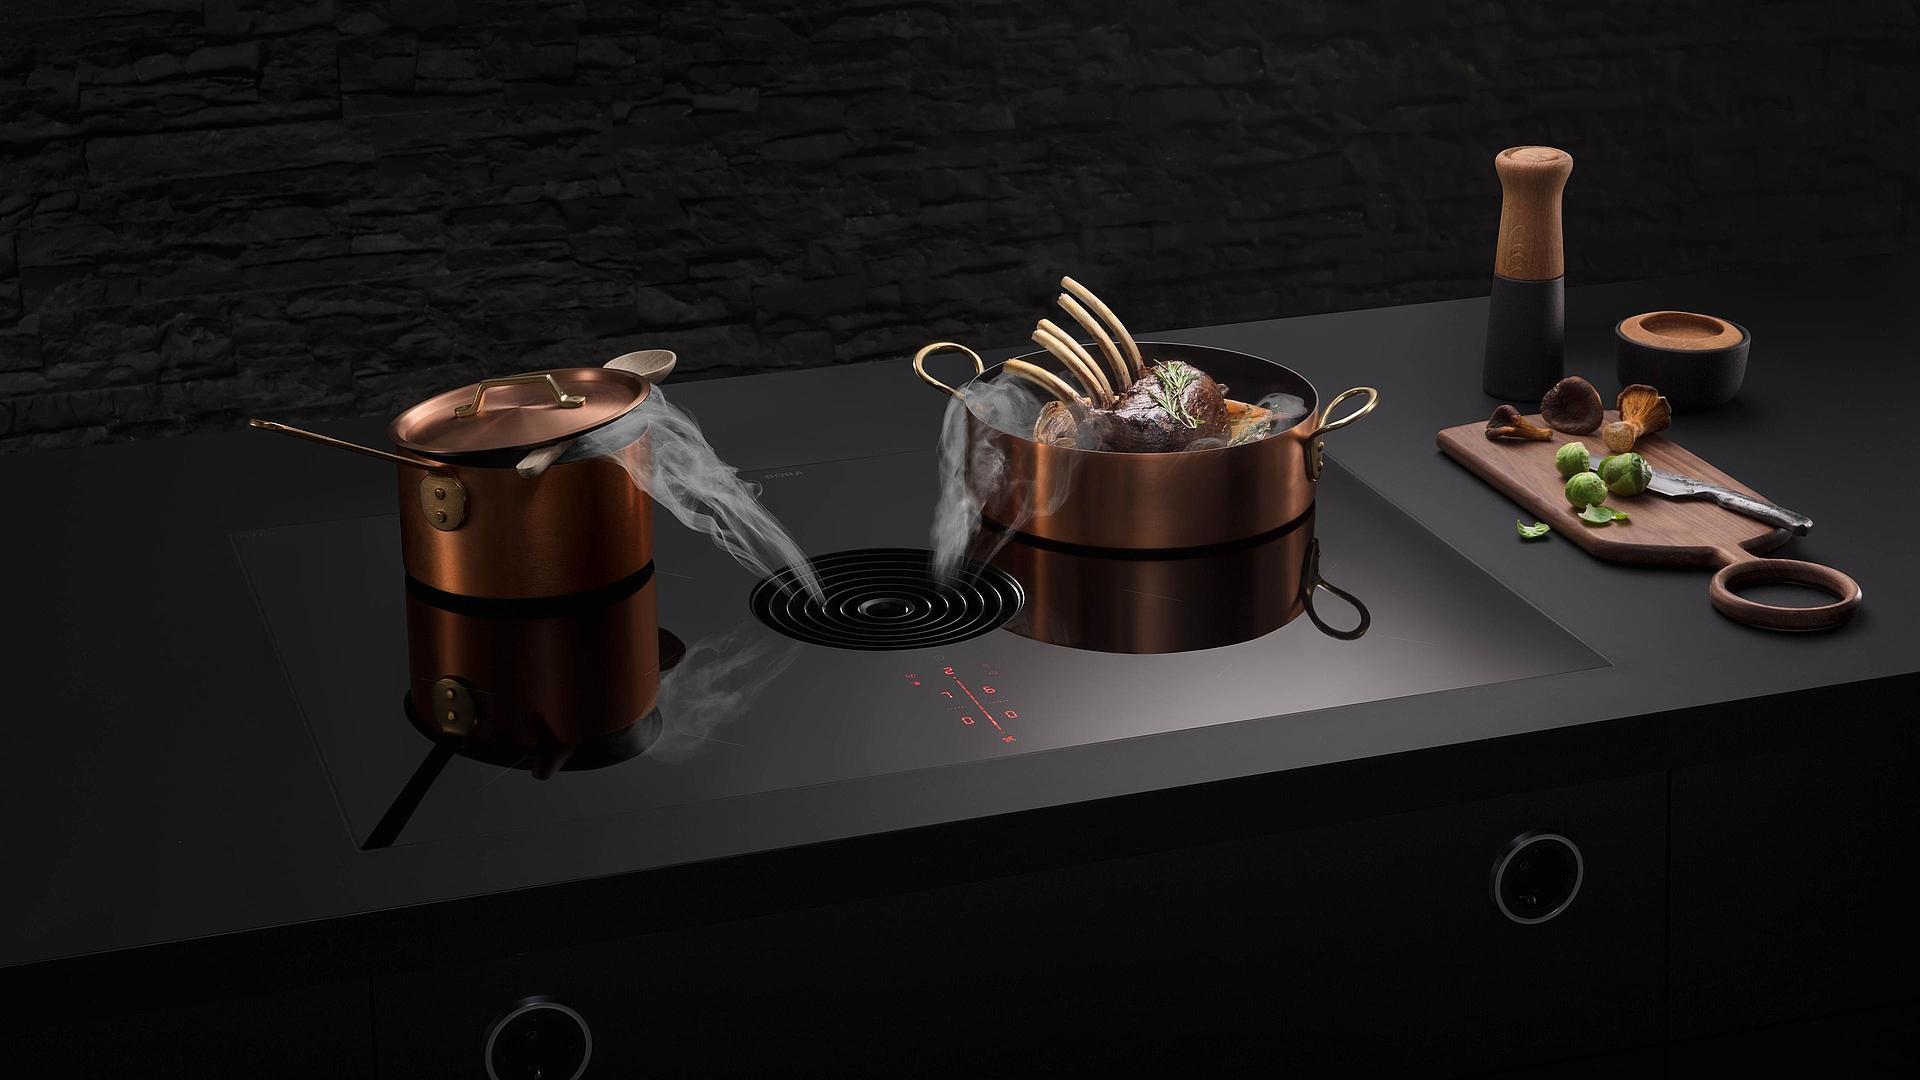 Nouvelle génération de table de cuisson induction aspirante BORA